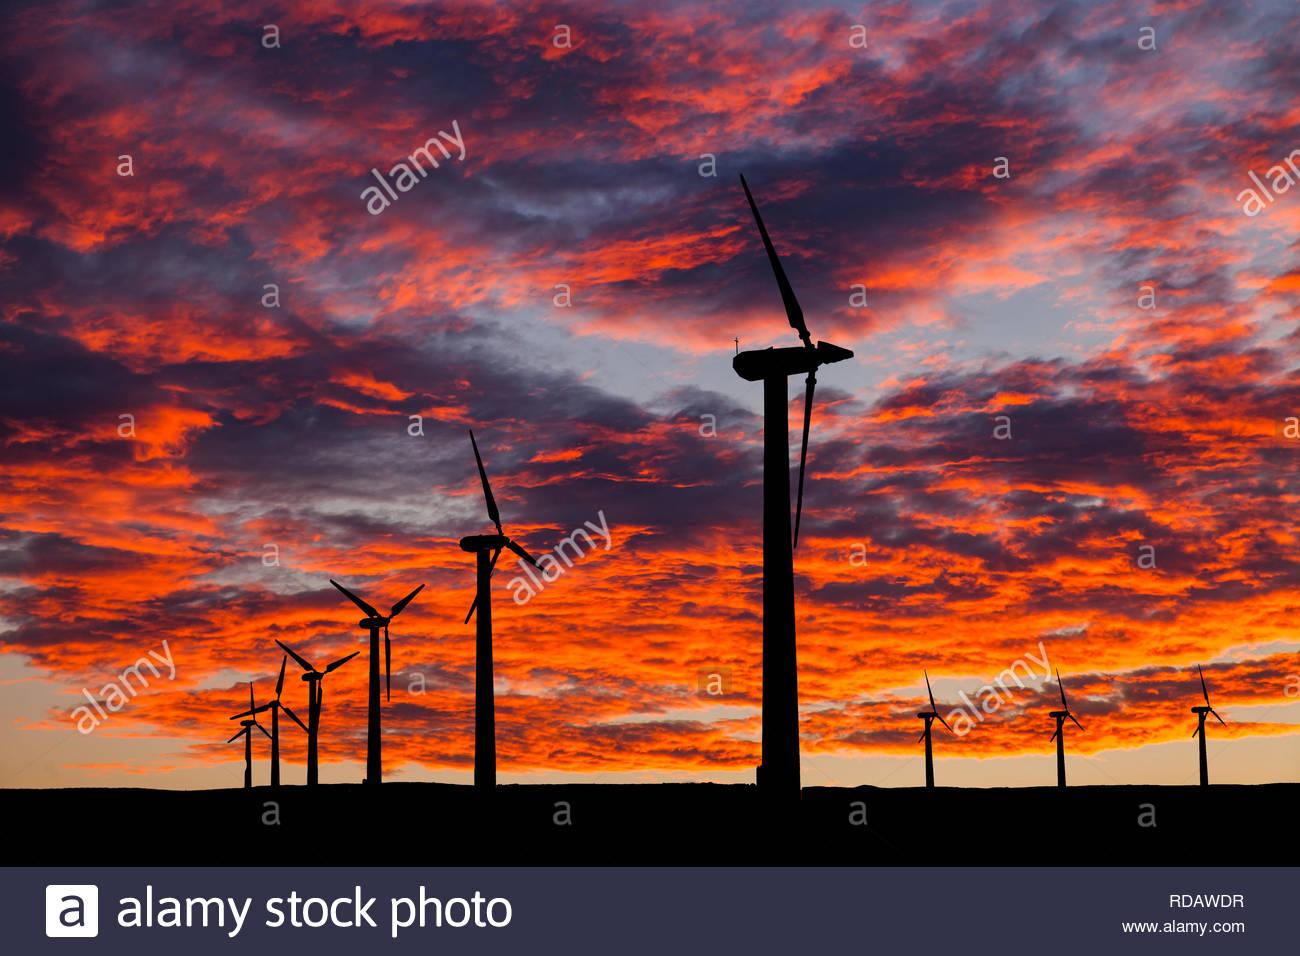 Silhouette von Windenergieanlagen auf einer erstaunlichen Sonnenuntergang Stockbild